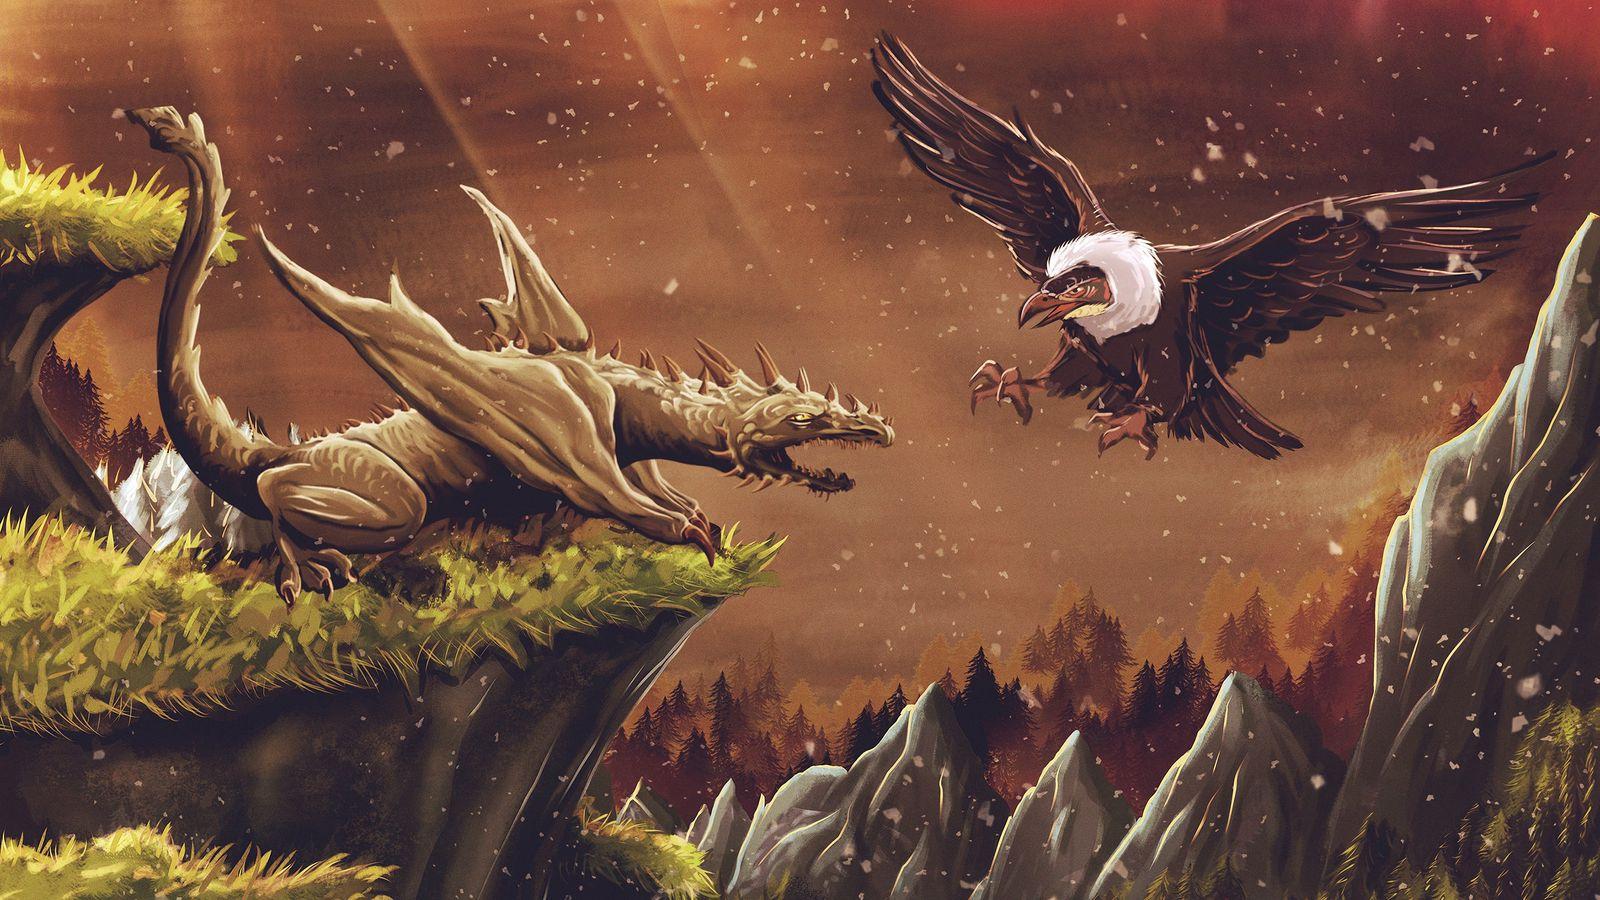 1600x900 Wallpaper dragon, vulture, bird, art, fiction